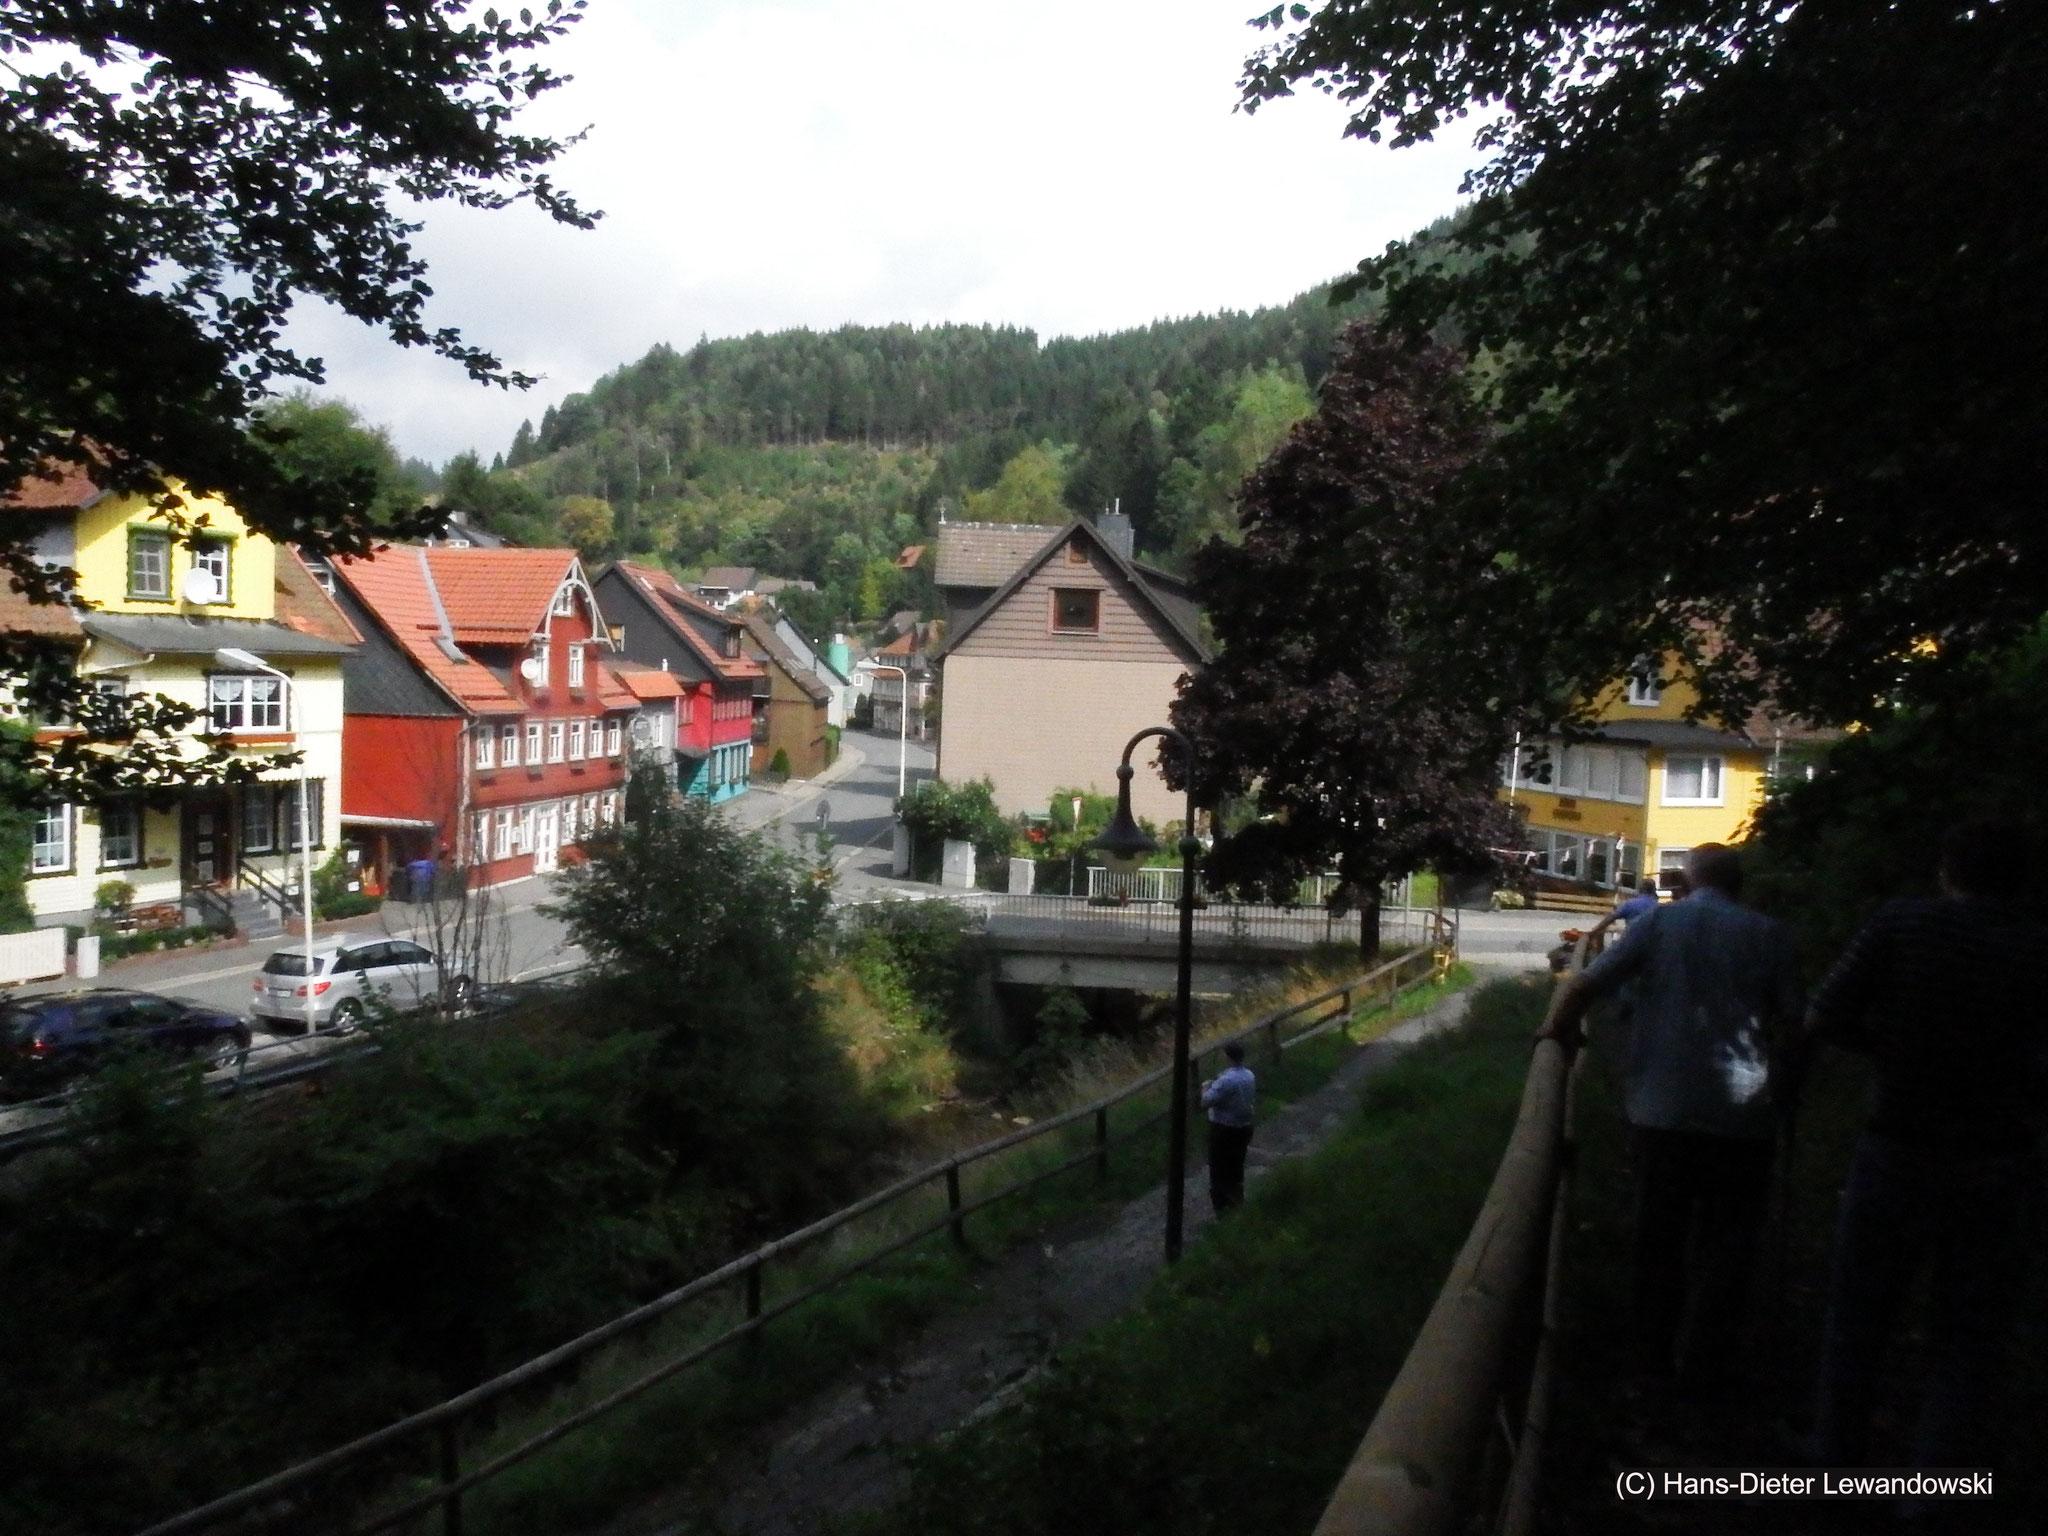 19-Lachter-Stollen in Wildemann